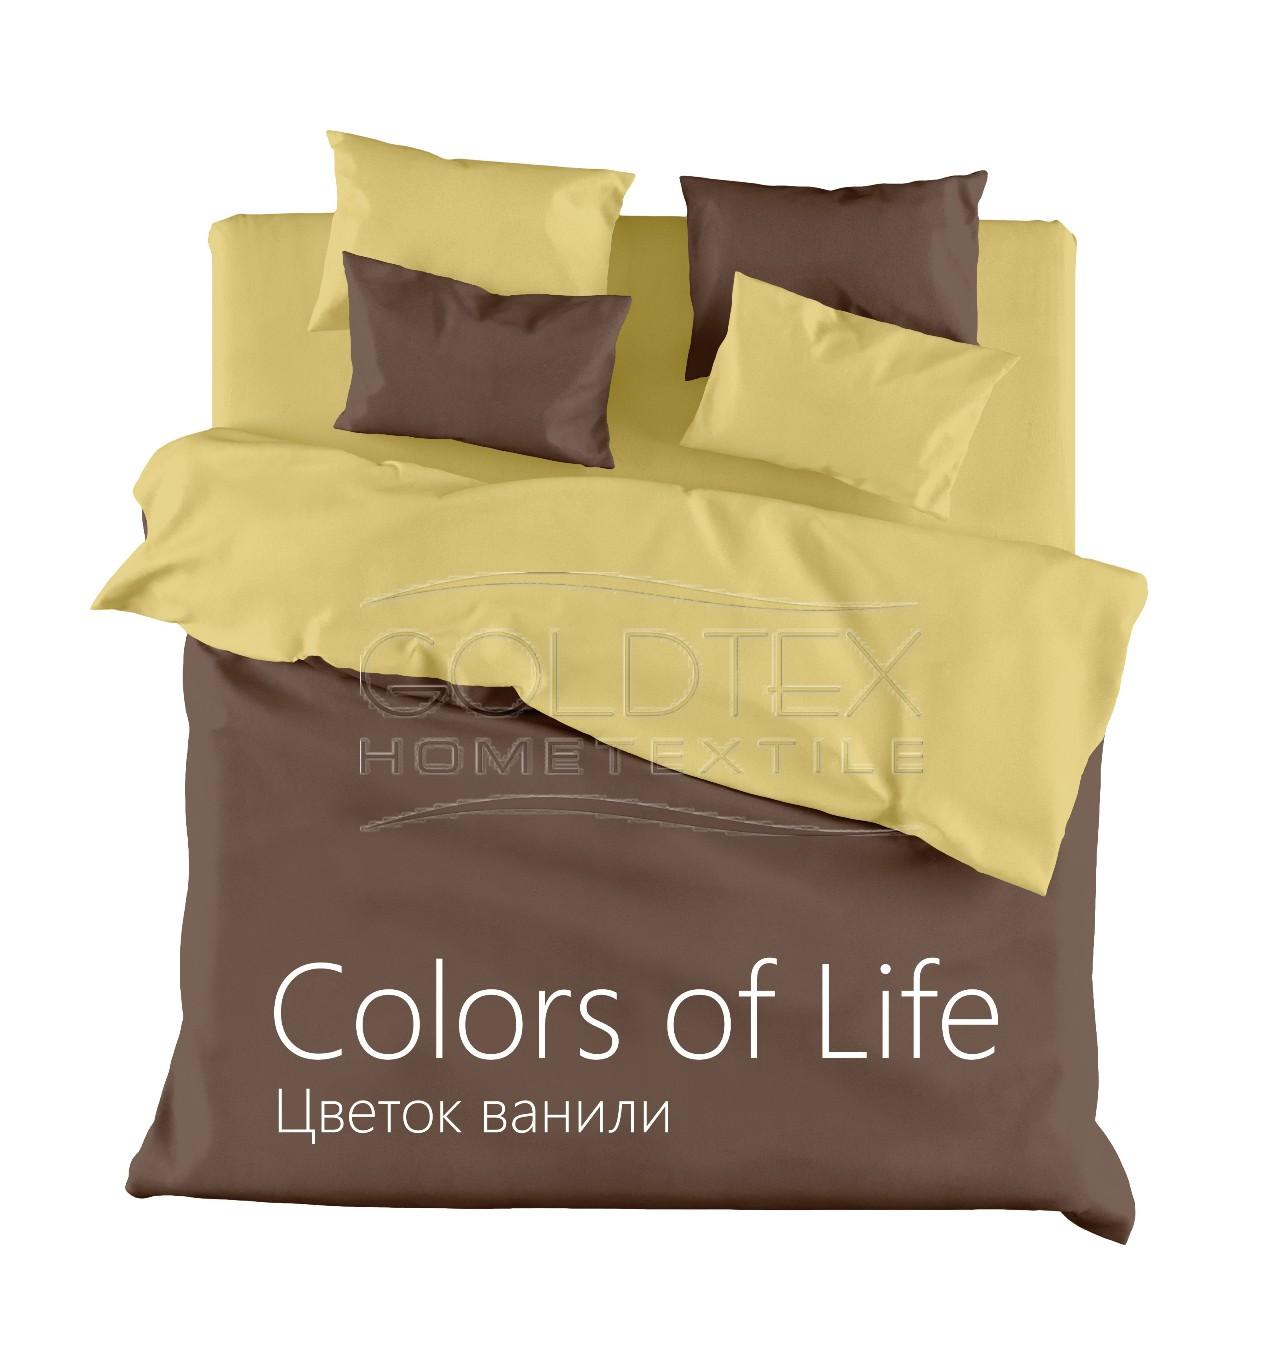 Комплект Цветок ванили, размер 1,5-спальныйСатин<br>Плотность ткани: 130 г/кв. м <br>Пододеяльник: 215х145 см - 1 шт. <br>Простыня: 215х145 см - 1 шт. <br>Наволочка: 70х70 см - 2 шт.<br><br>Тип: КПБ<br>Размер: 1,5-сп.<br>Материал: Сатин